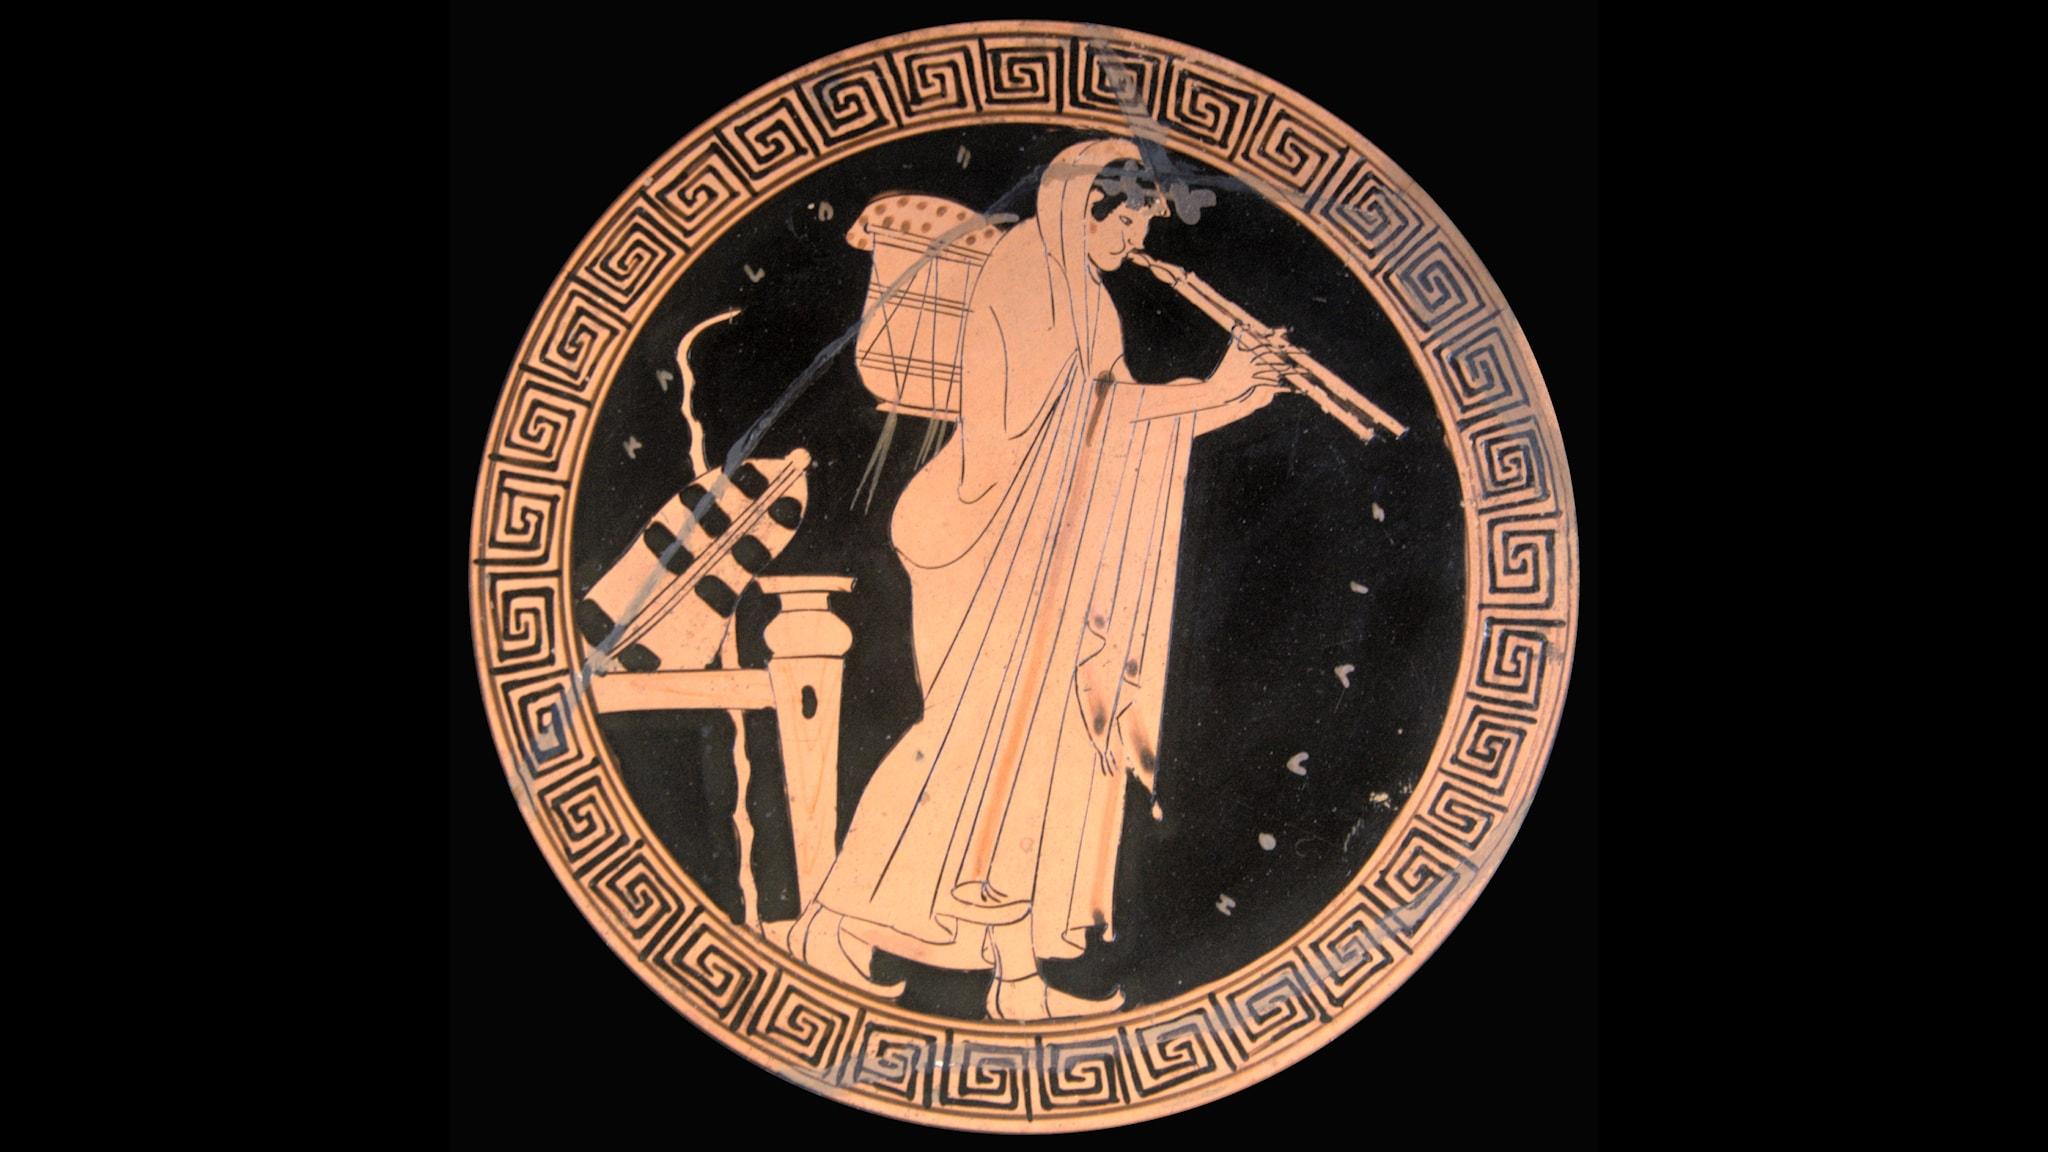 Grekisk aulosspelare från 400-talet f Kr. Foto Bibi Saint-Pol